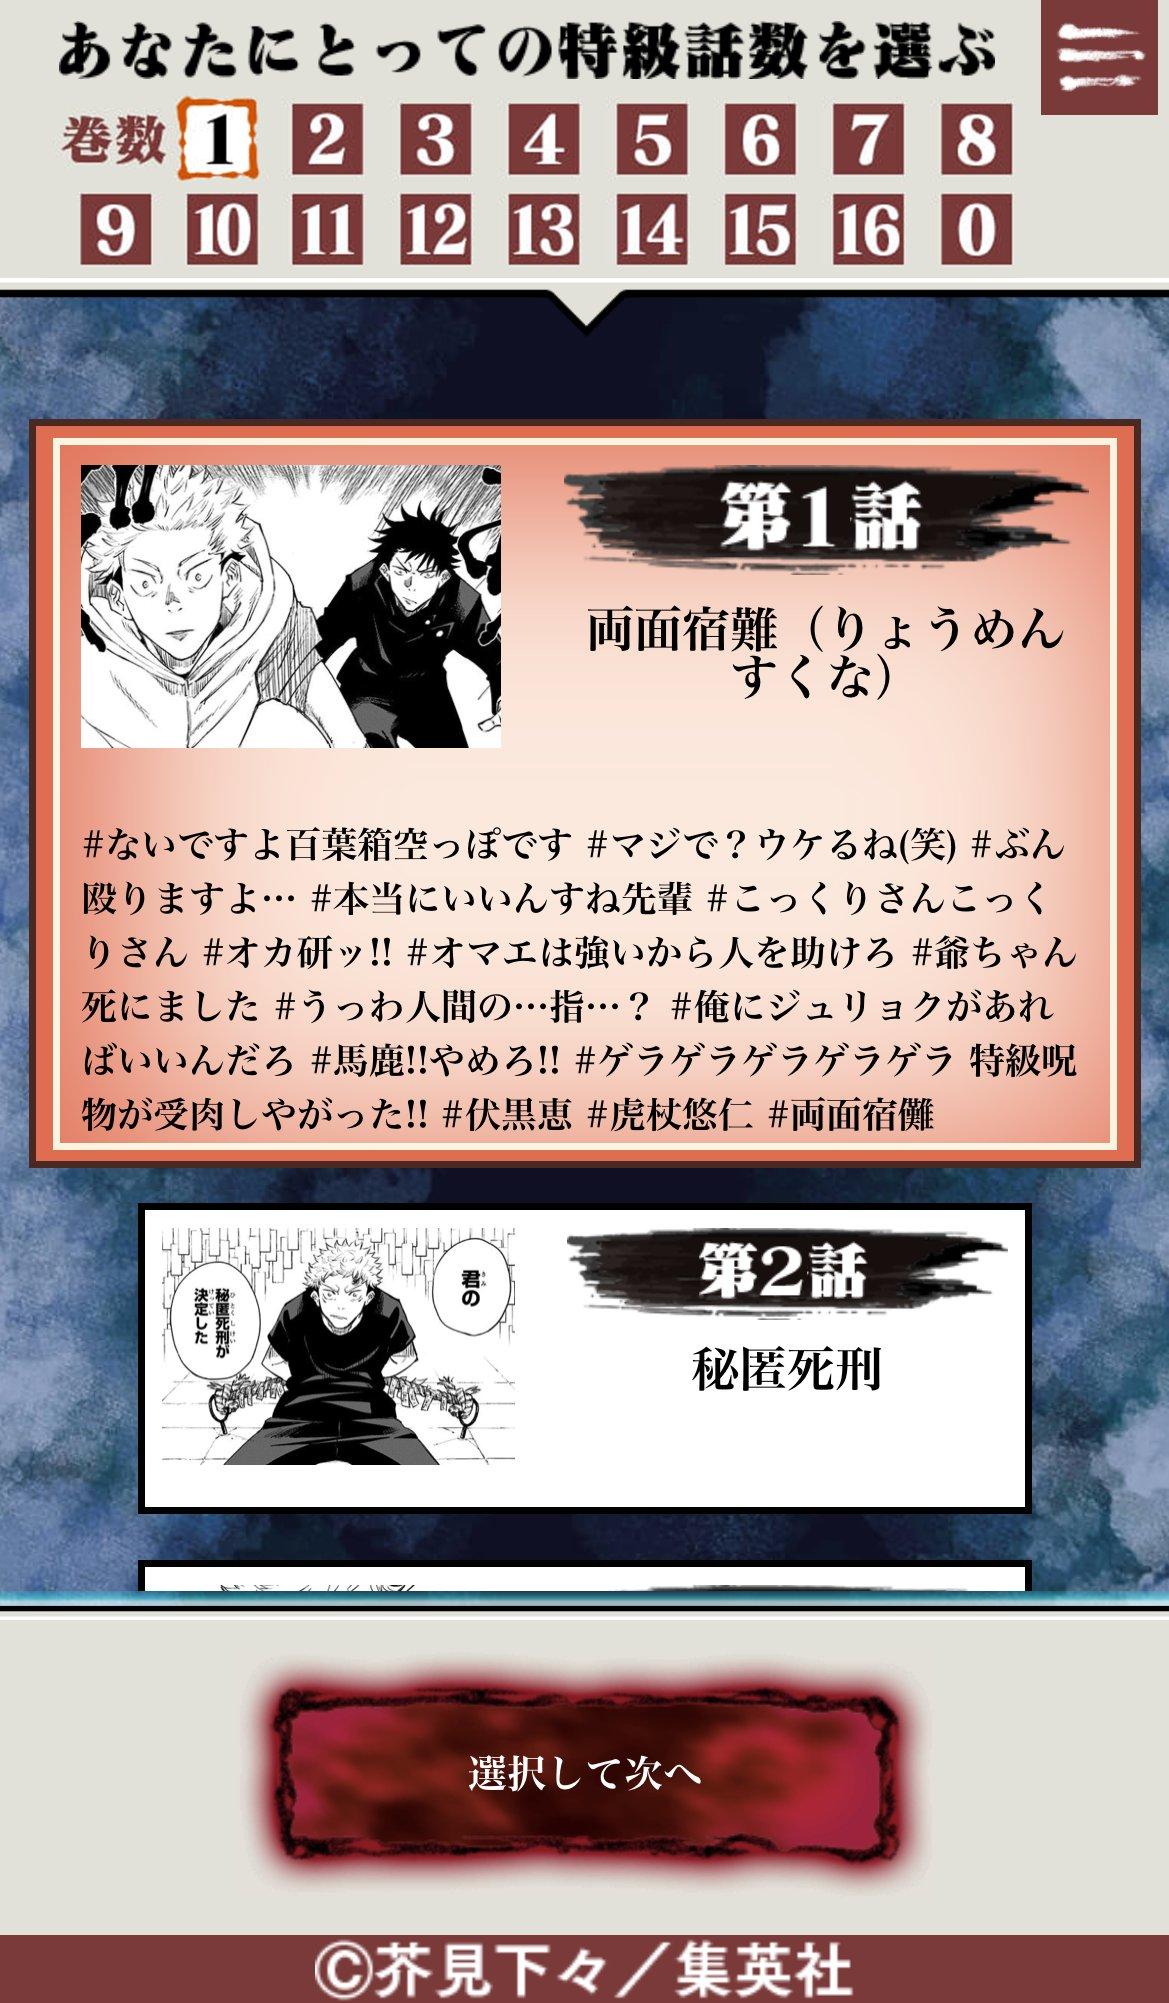 「呪術廻戦」特設サイト「私が呪われた特級話数」2